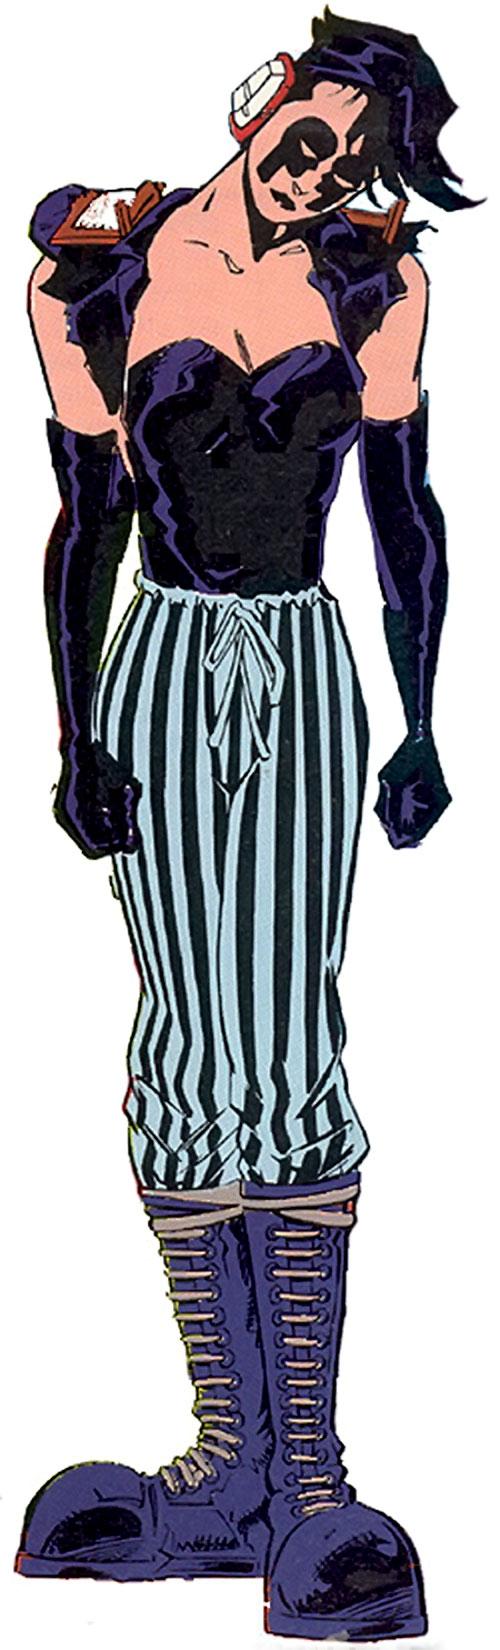 Sleepwalker of the Brotherhood of Dada (Doom Patrol)